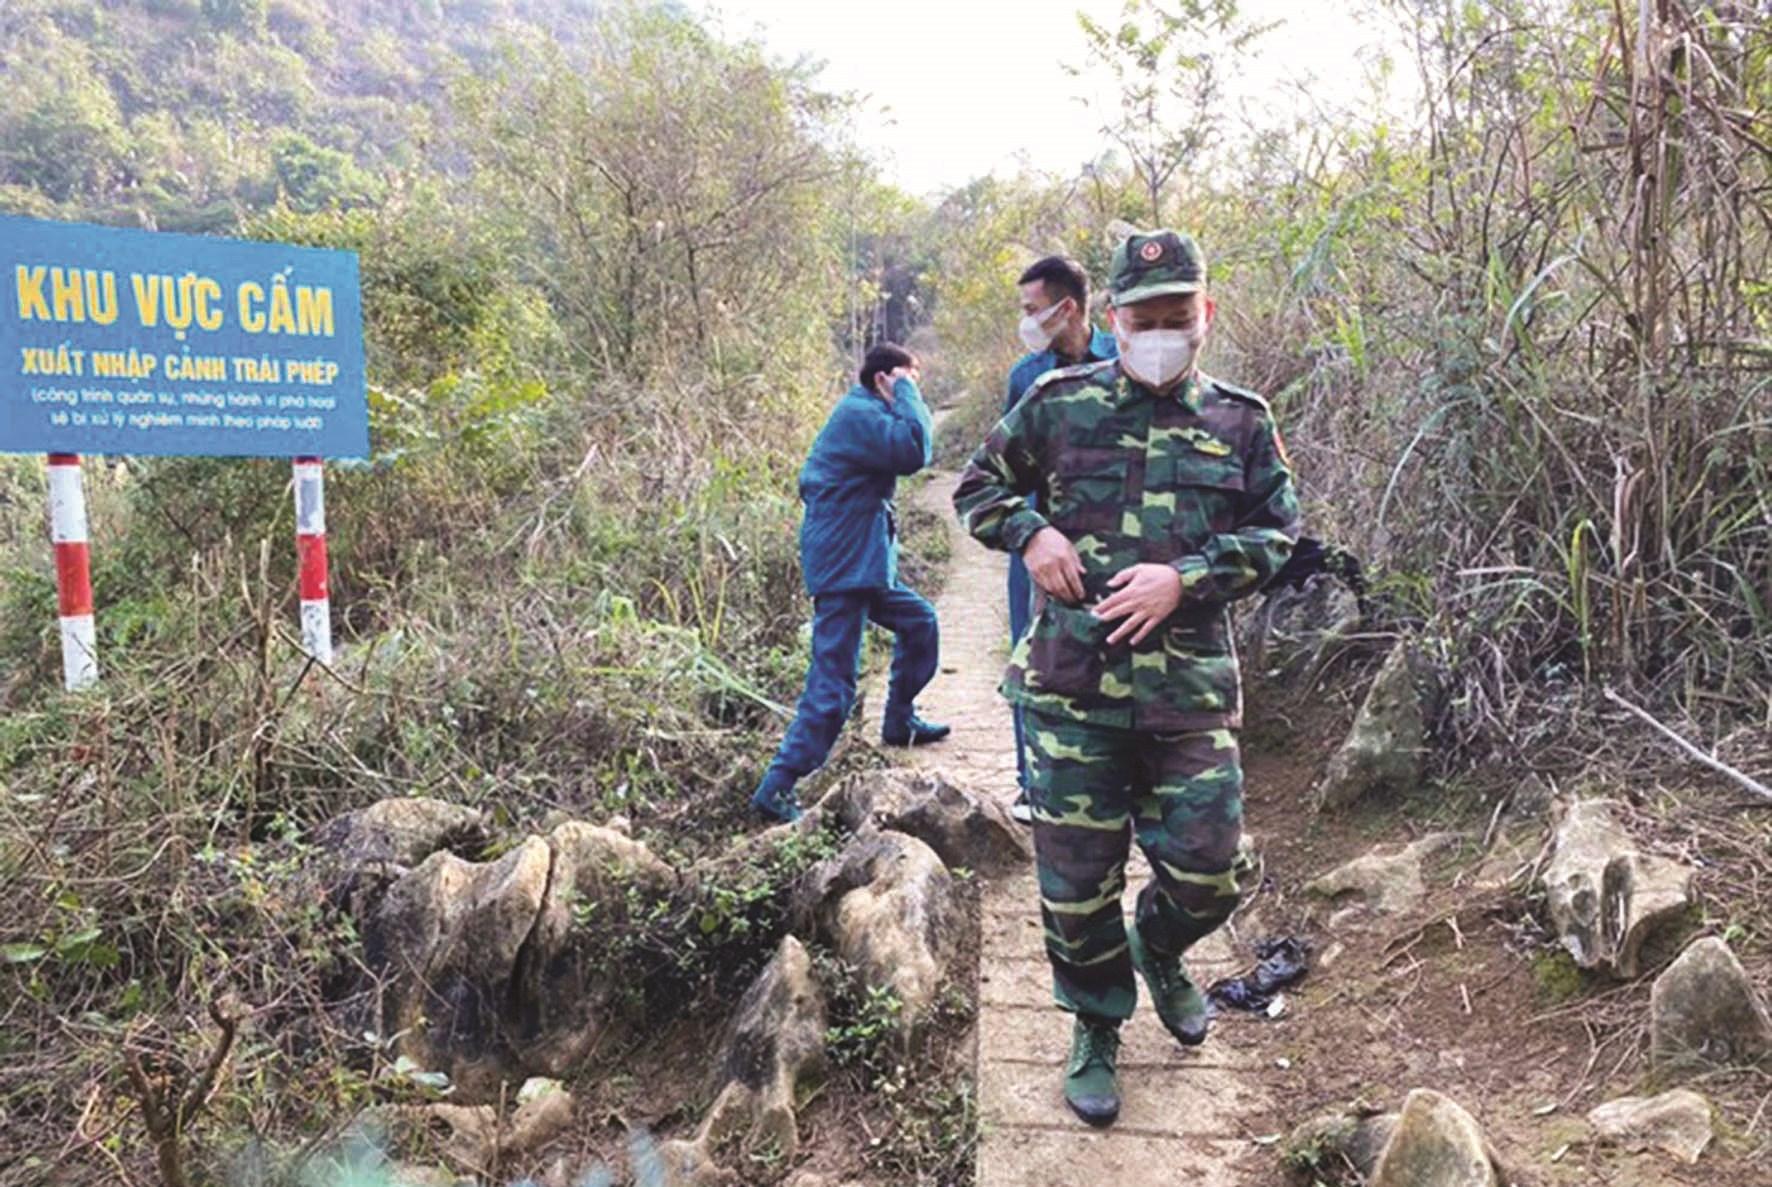 Lực lượng chức năng tuần tra kiểm soát 24/24h tại vùng giáp biên Lạng Sơn